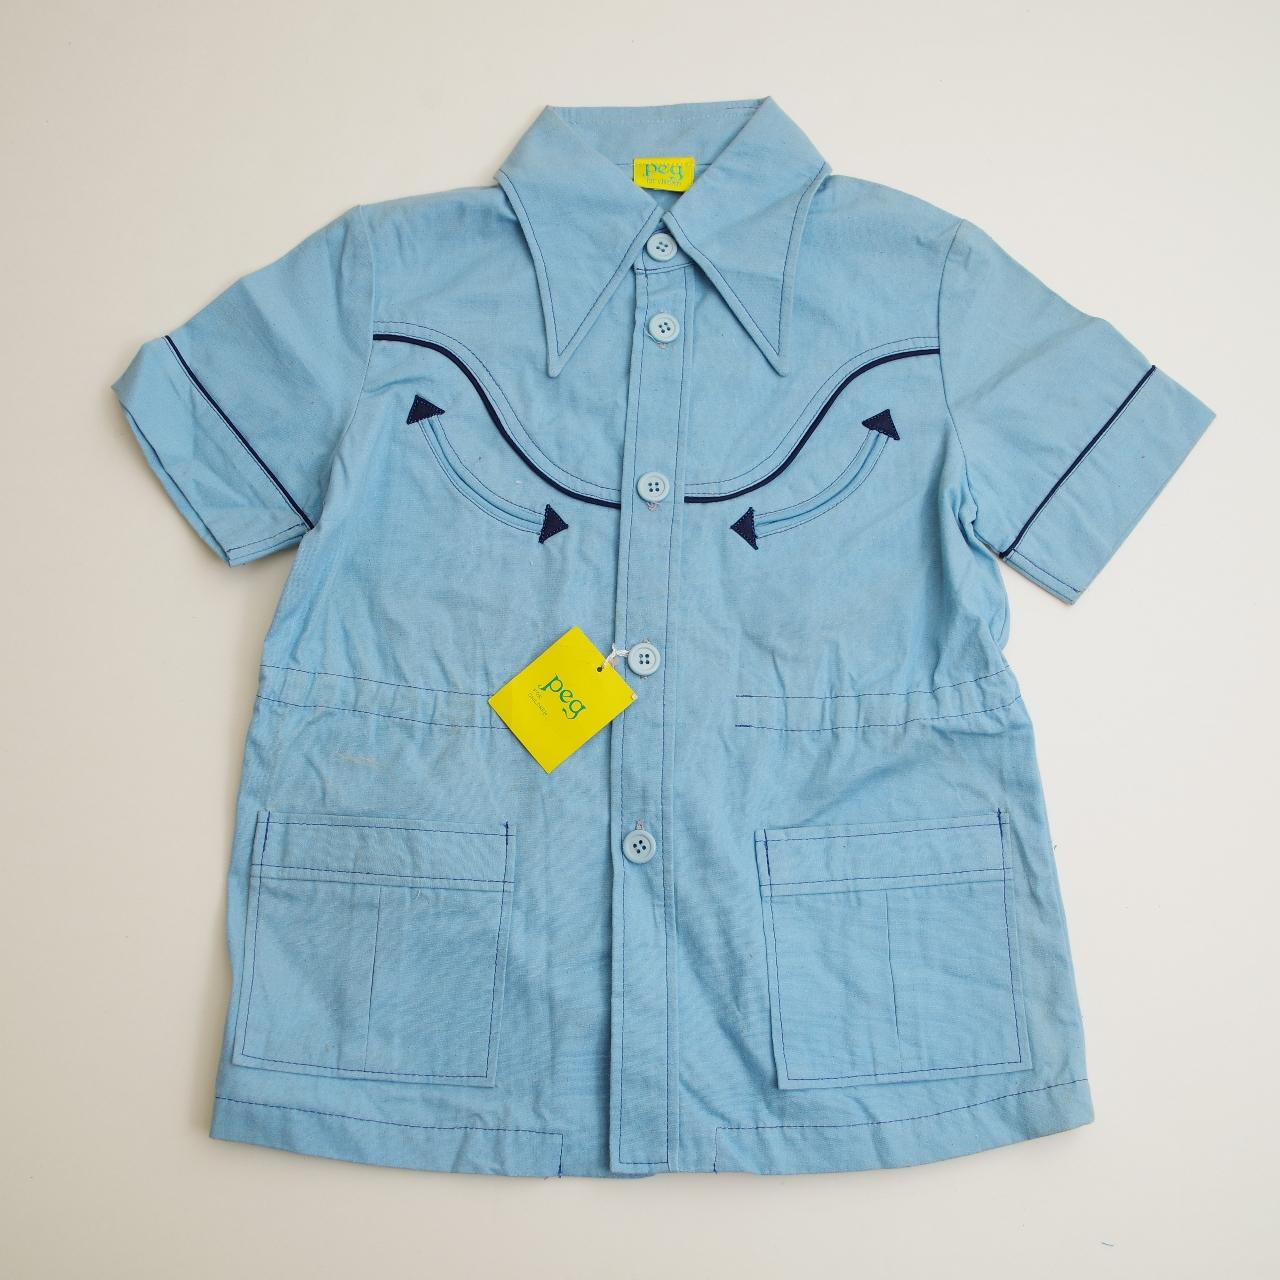 日本製 フクスケ PEGの襟付き半袖ジャケット 7-8才(120cm) (1708-6834)